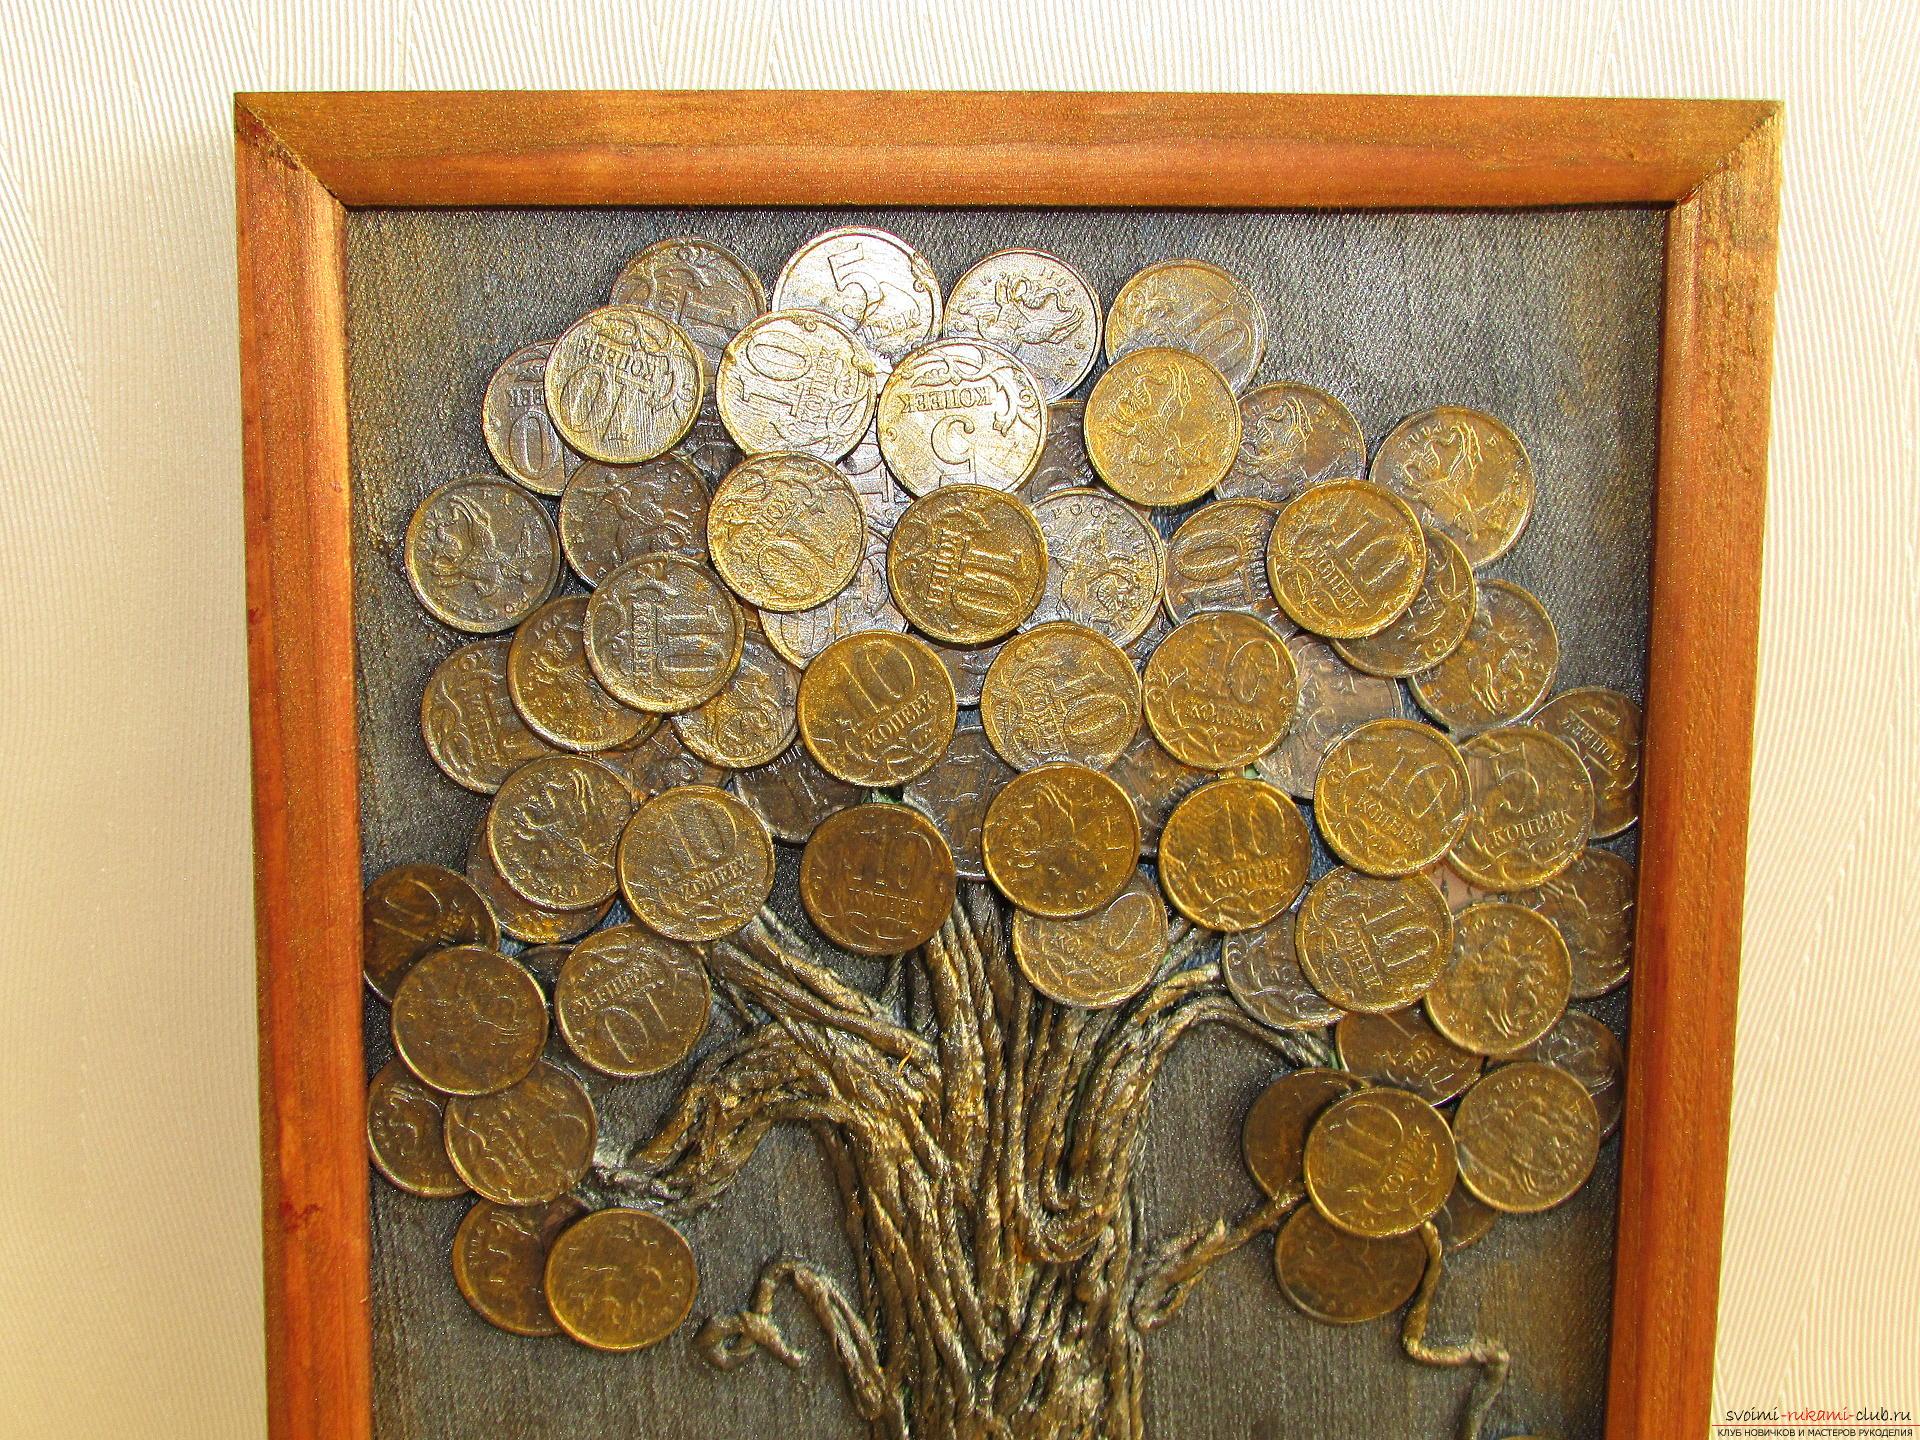 Мастер-класс покажет как сделать денежное дерево из монет своими руками.. Фото №18